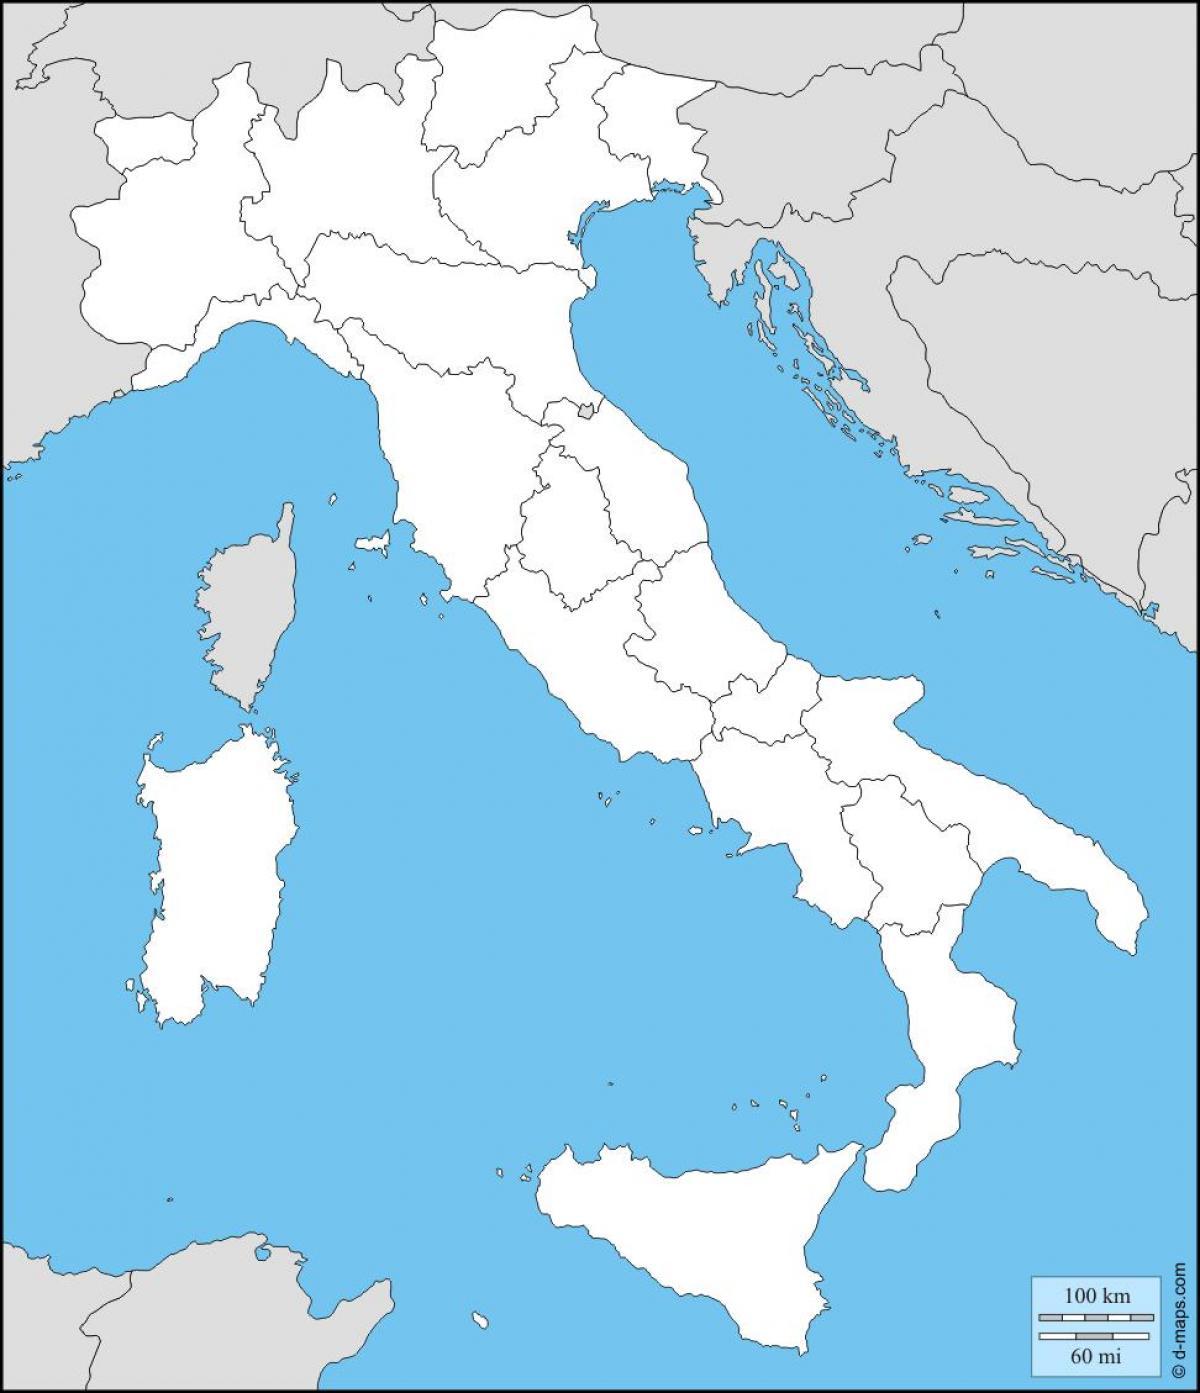 Blank Kort Over Italien Blanke Kort Over Italien Med Regioner